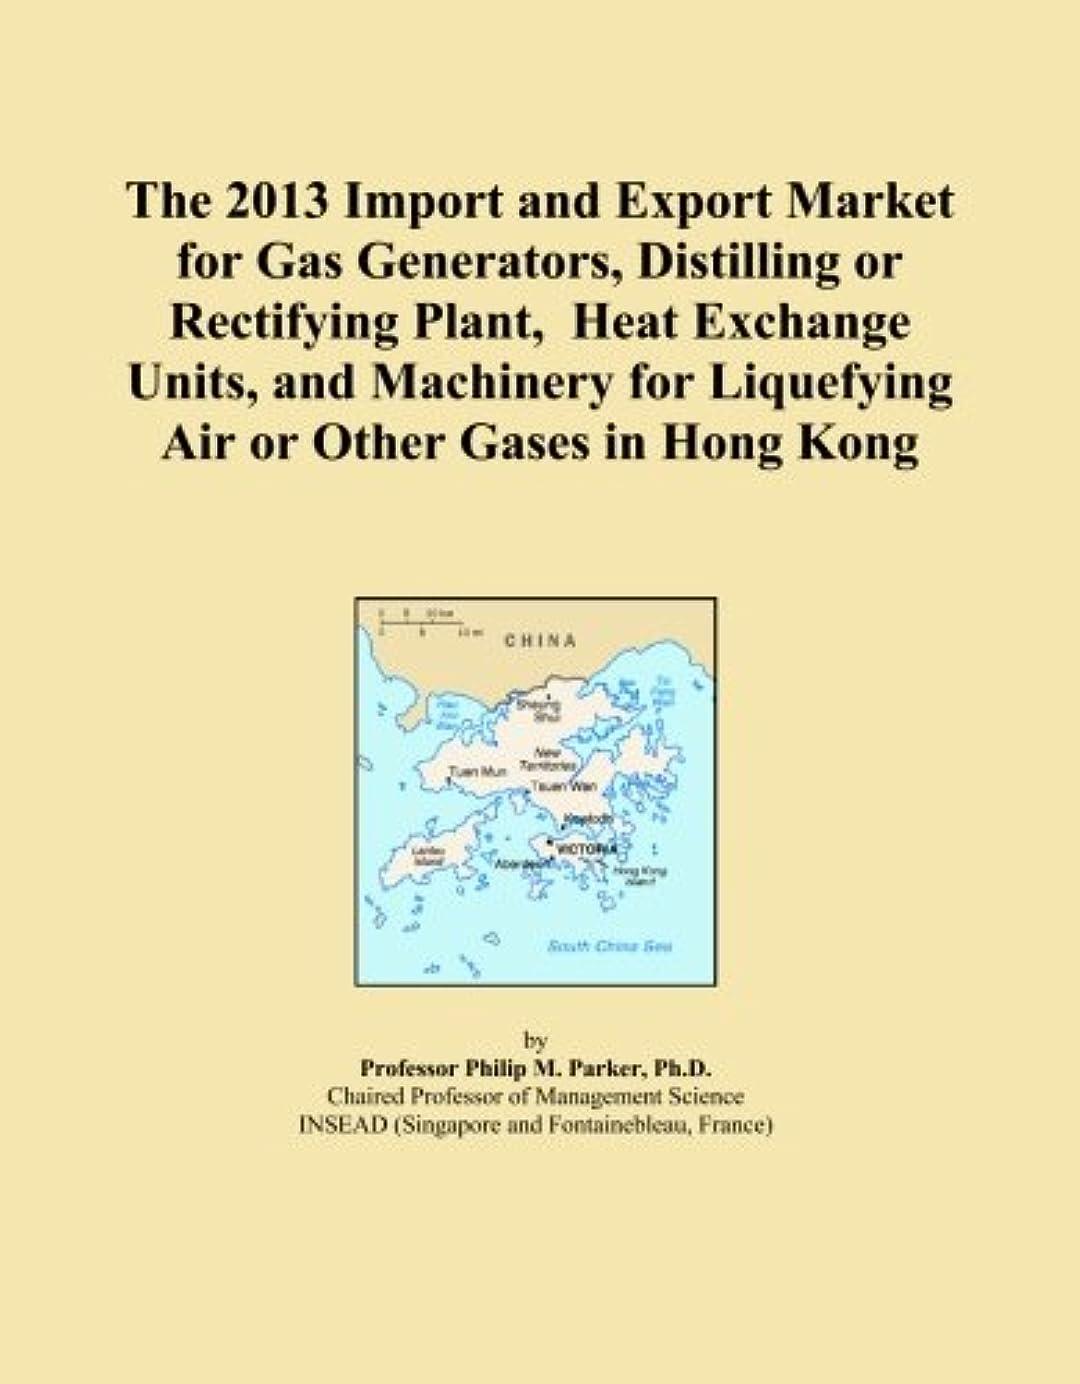 ネブアノイ破滅的なThe 2013 Import and Export Market for Gas Generators, Distilling or Rectifying Plant, Heat Exchange Units, and Machinery for Liquefying Air or Other Gases in Hong Kong